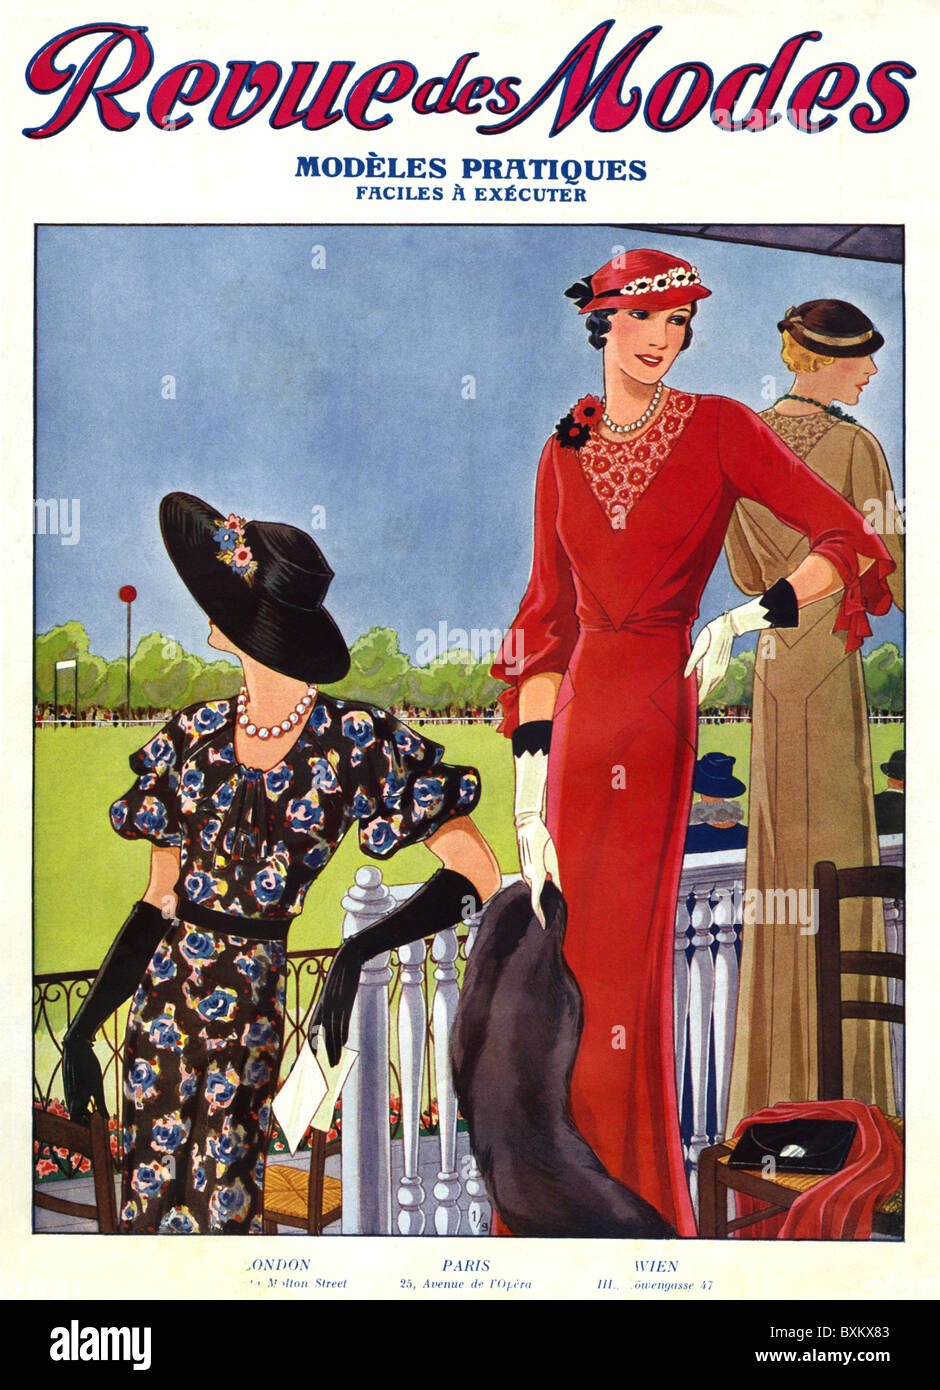 La mode, années 1930, ladie's fashion, couvrir de magazine de mode 'Revue des modes', France, 1932, Photo Stock